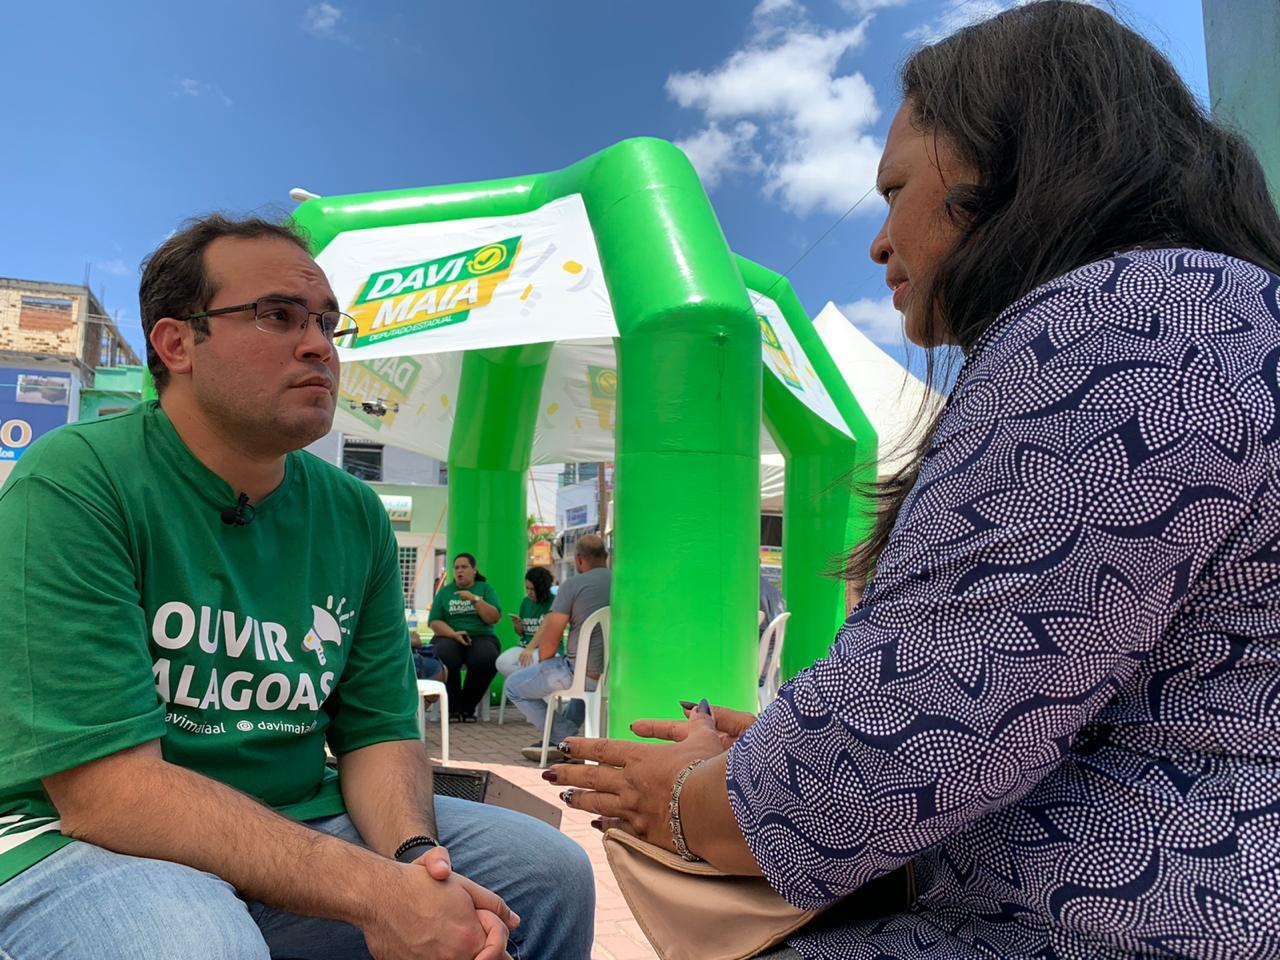 Davi Maia lança projeto para ouvir demandas da população